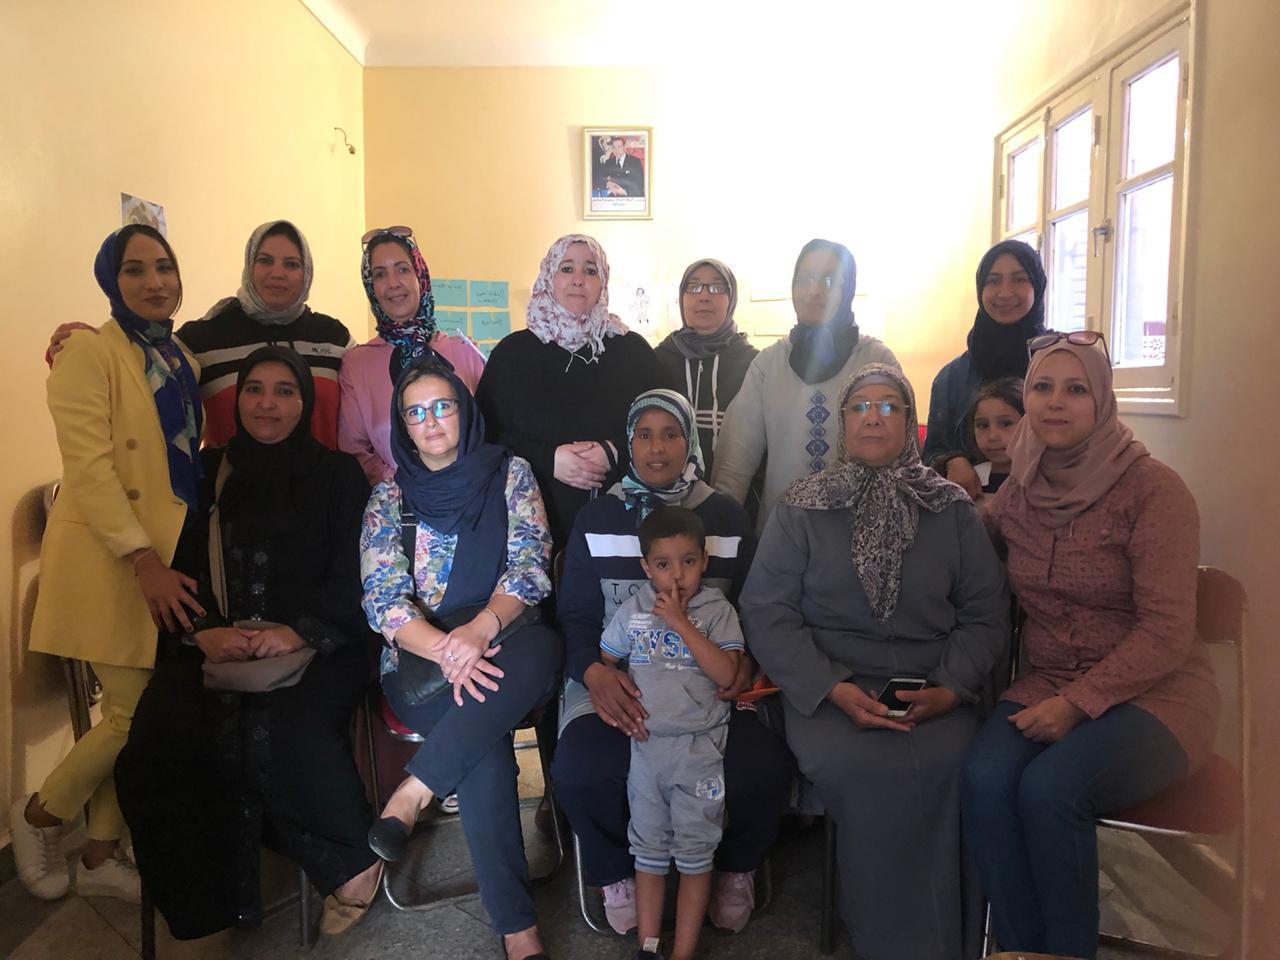 جمعية الخير للأرامل والايتام بالجديدة تفتتح مقرا جديد لـتأهيل المرأة في التدبير المنزلي وإنشاء المقاولة